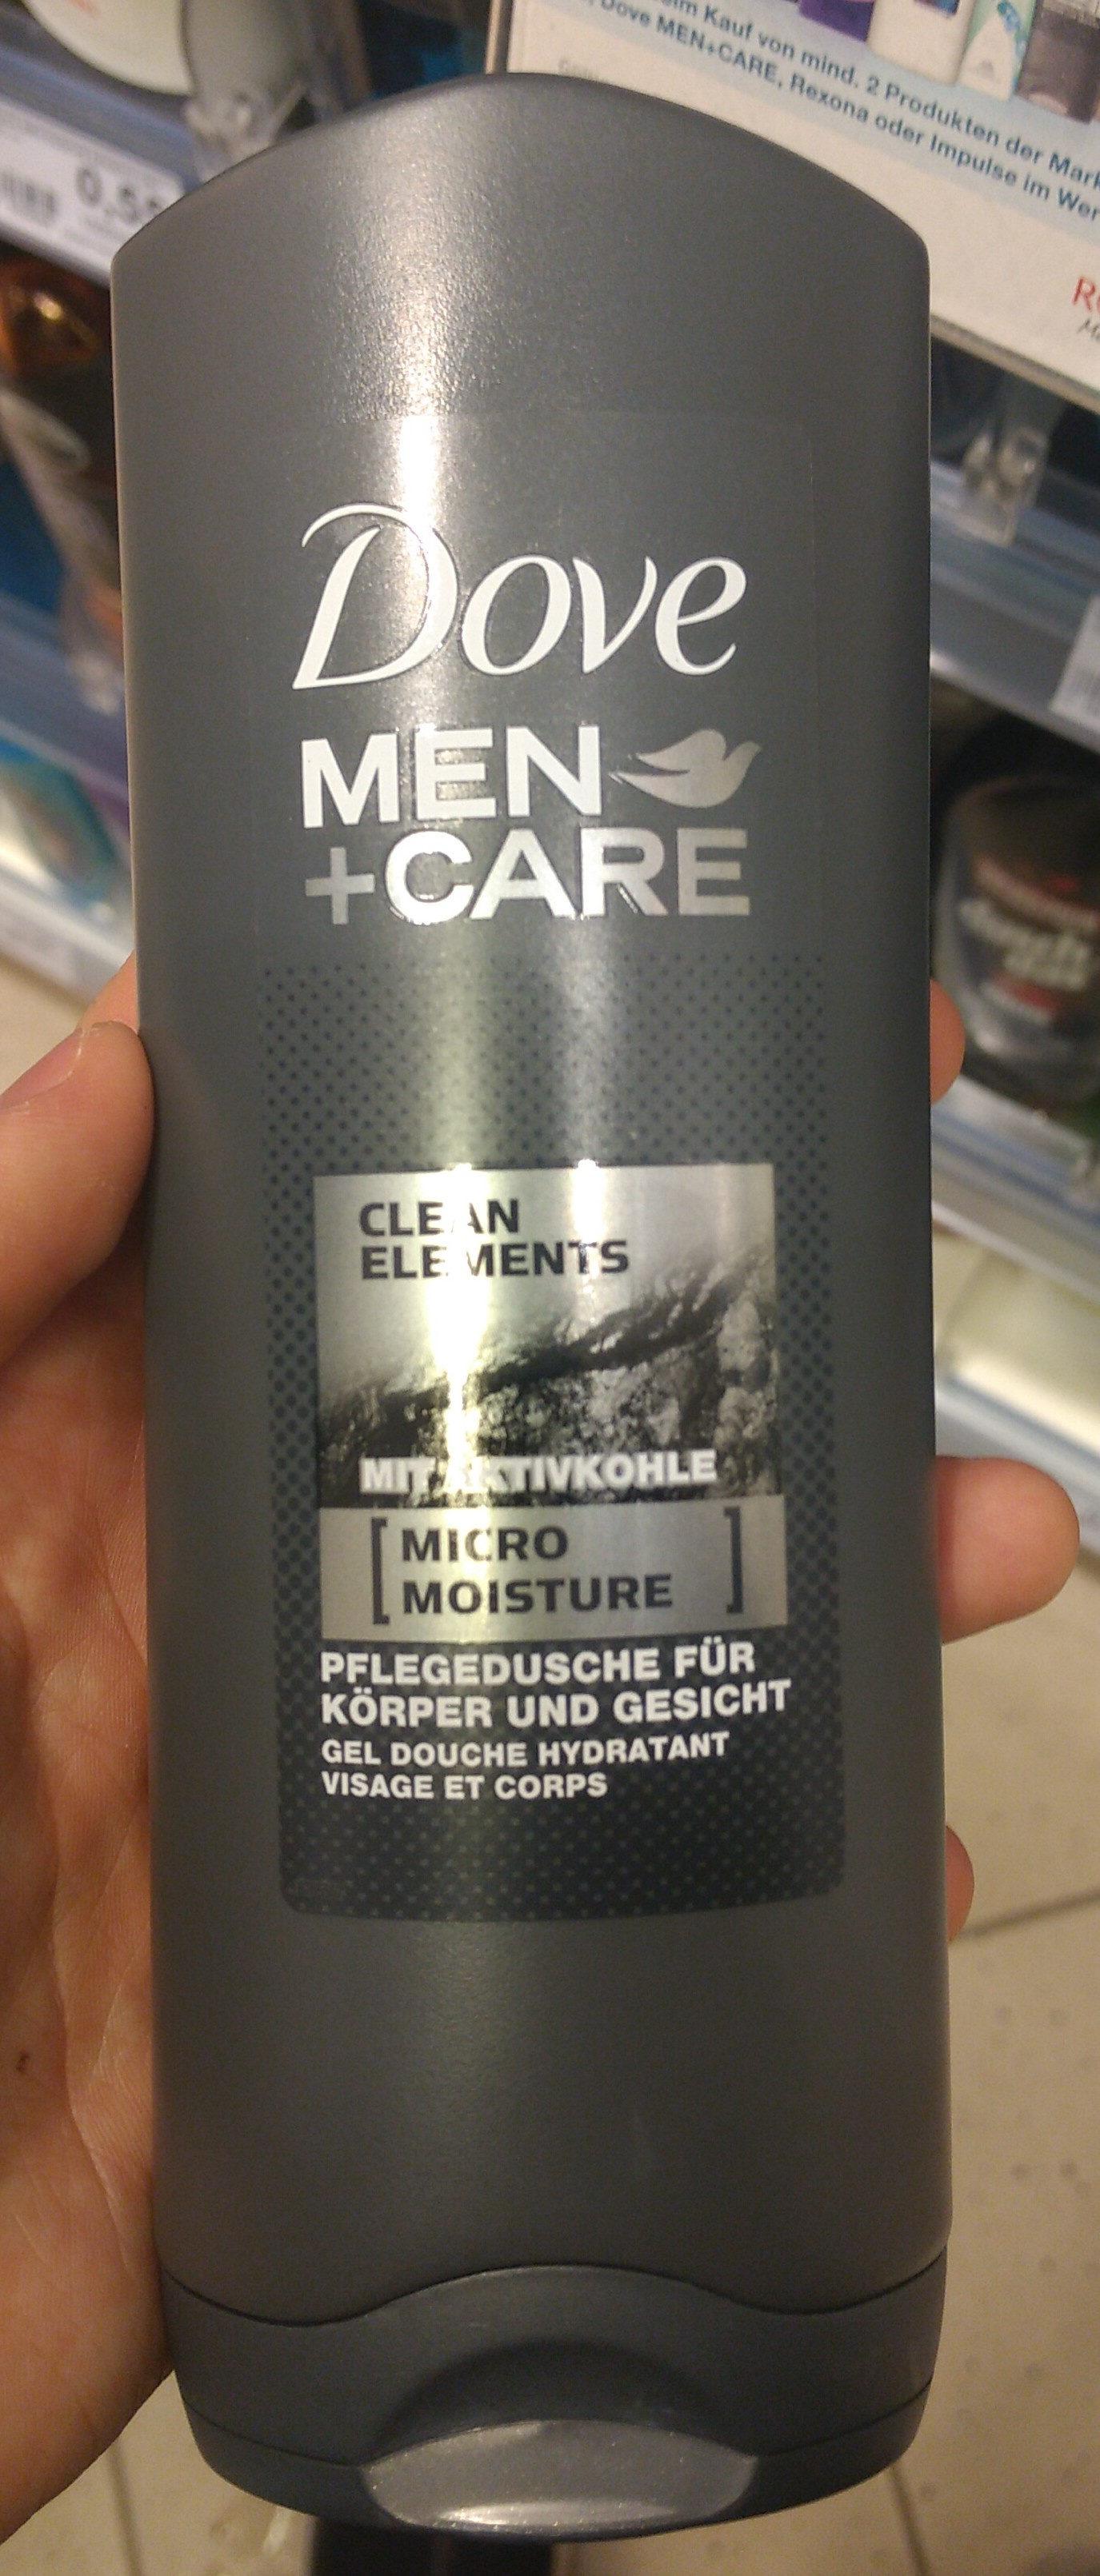 Men +Care clean elements - Product - de